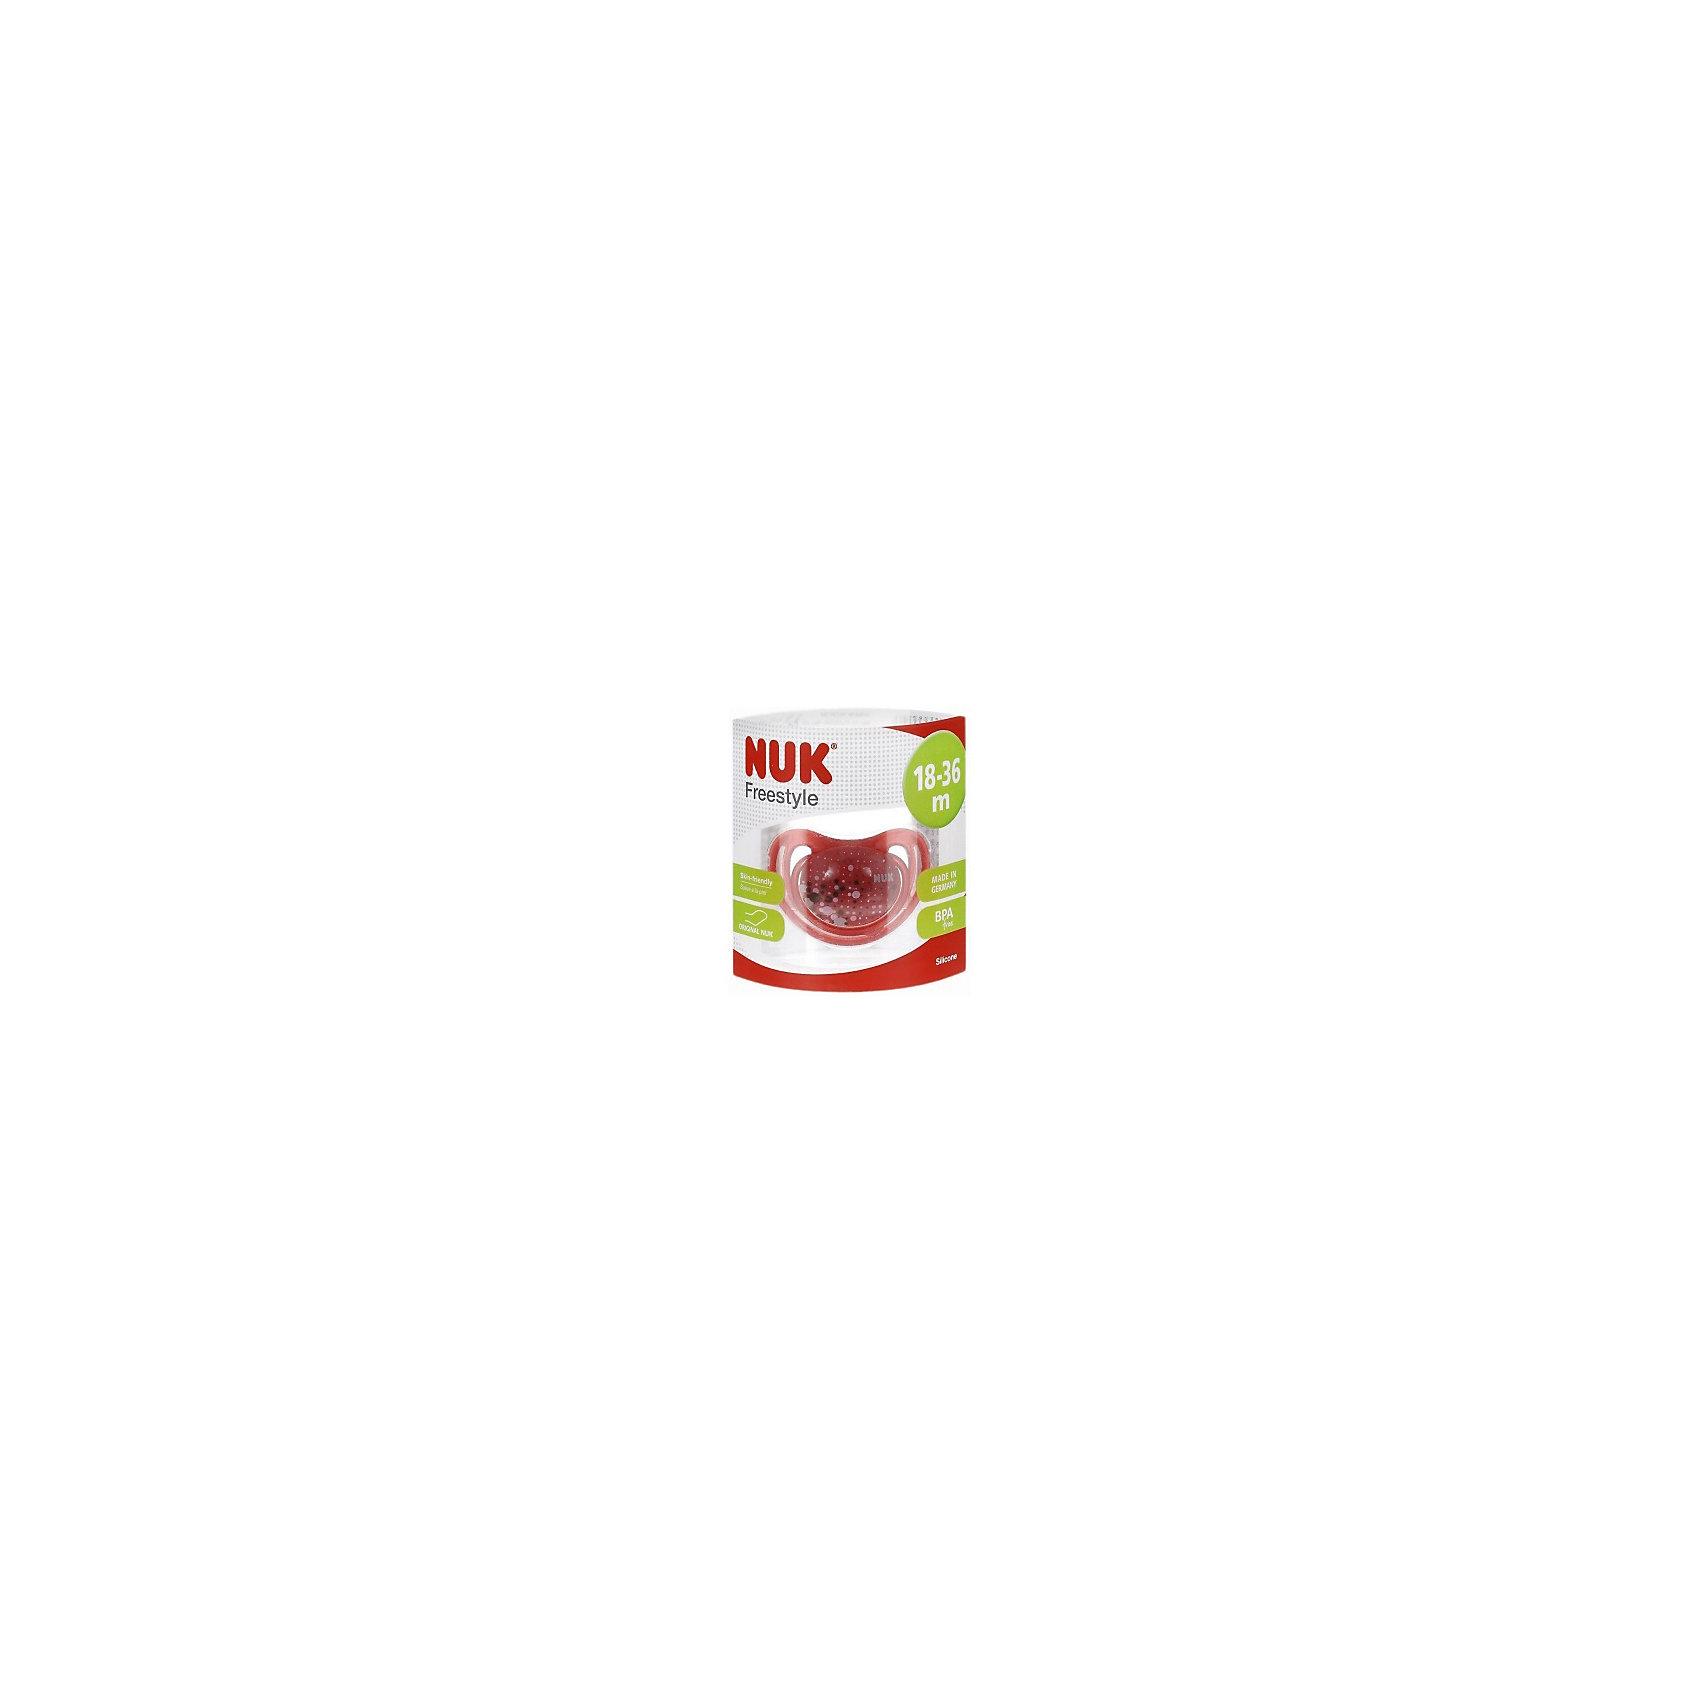 Пустышка силиконовая для сна FREESTYLE 1 шт. р-р 3, NUK, красныйХарактеристики изделия:<br><br>- цвет: красный;<br>- материал: силикон, полиэстер;<br>- ортодонтическая форма;<br>- меньшее количество точек соприкосновения с кожей;<br>- с колечком;<br>- упаковка из 100% биопластика;<br>- размер 3.<br><br>Детские товары существенно облегчают жизнь молодым мамам. Существует множество полезных в период материнства вещей. К таким относится и пустышка. <br>Данная модель разработана совместно с ортодонтами. Мягкий материал подойдет для ротовой полости ребенка. Пустышка легко очищается от любых поверхностных загрязнений. Она помогает правильно сформировать прикус и нормально развиться ротовой полости.<br><br>Пустышку силиконовую для сна FREESTYLE 1 шт. от производителя NUK можно купить в нашем магазине.<br><br>Ширина мм: 75<br>Глубина мм: 75<br>Высота мм: 105<br>Вес г: 38<br>Возраст от месяцев: 18<br>Возраст до месяцев: 36<br>Пол: Унисекс<br>Возраст: Детский<br>SKU: 5065290